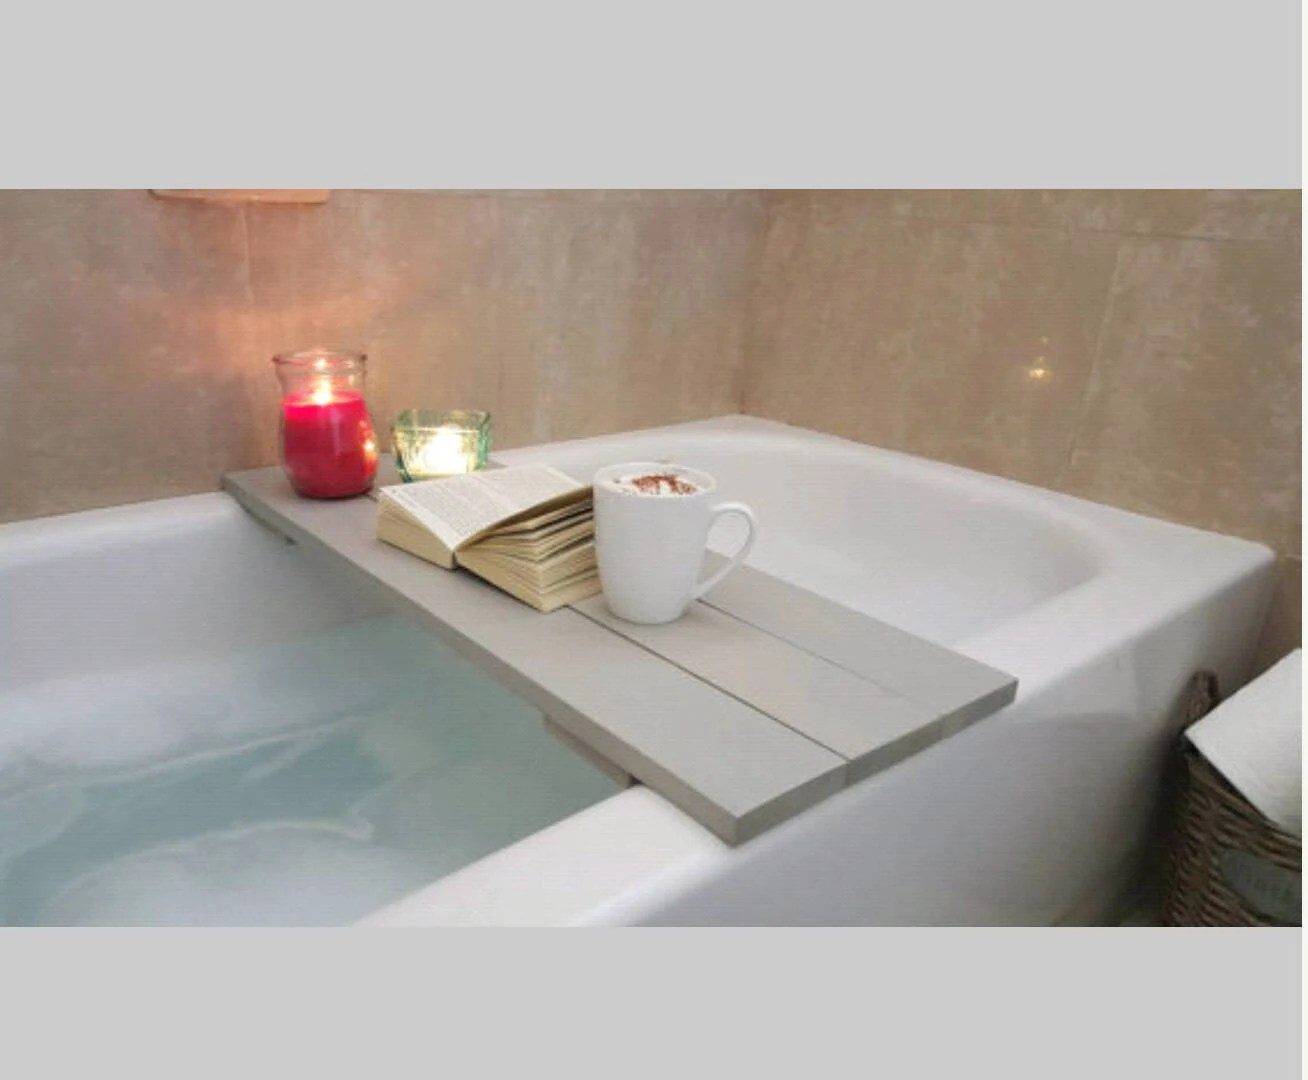 Bath Caddy Bathtub Tray Bath Tray Bath Shelf Bathroom Decor